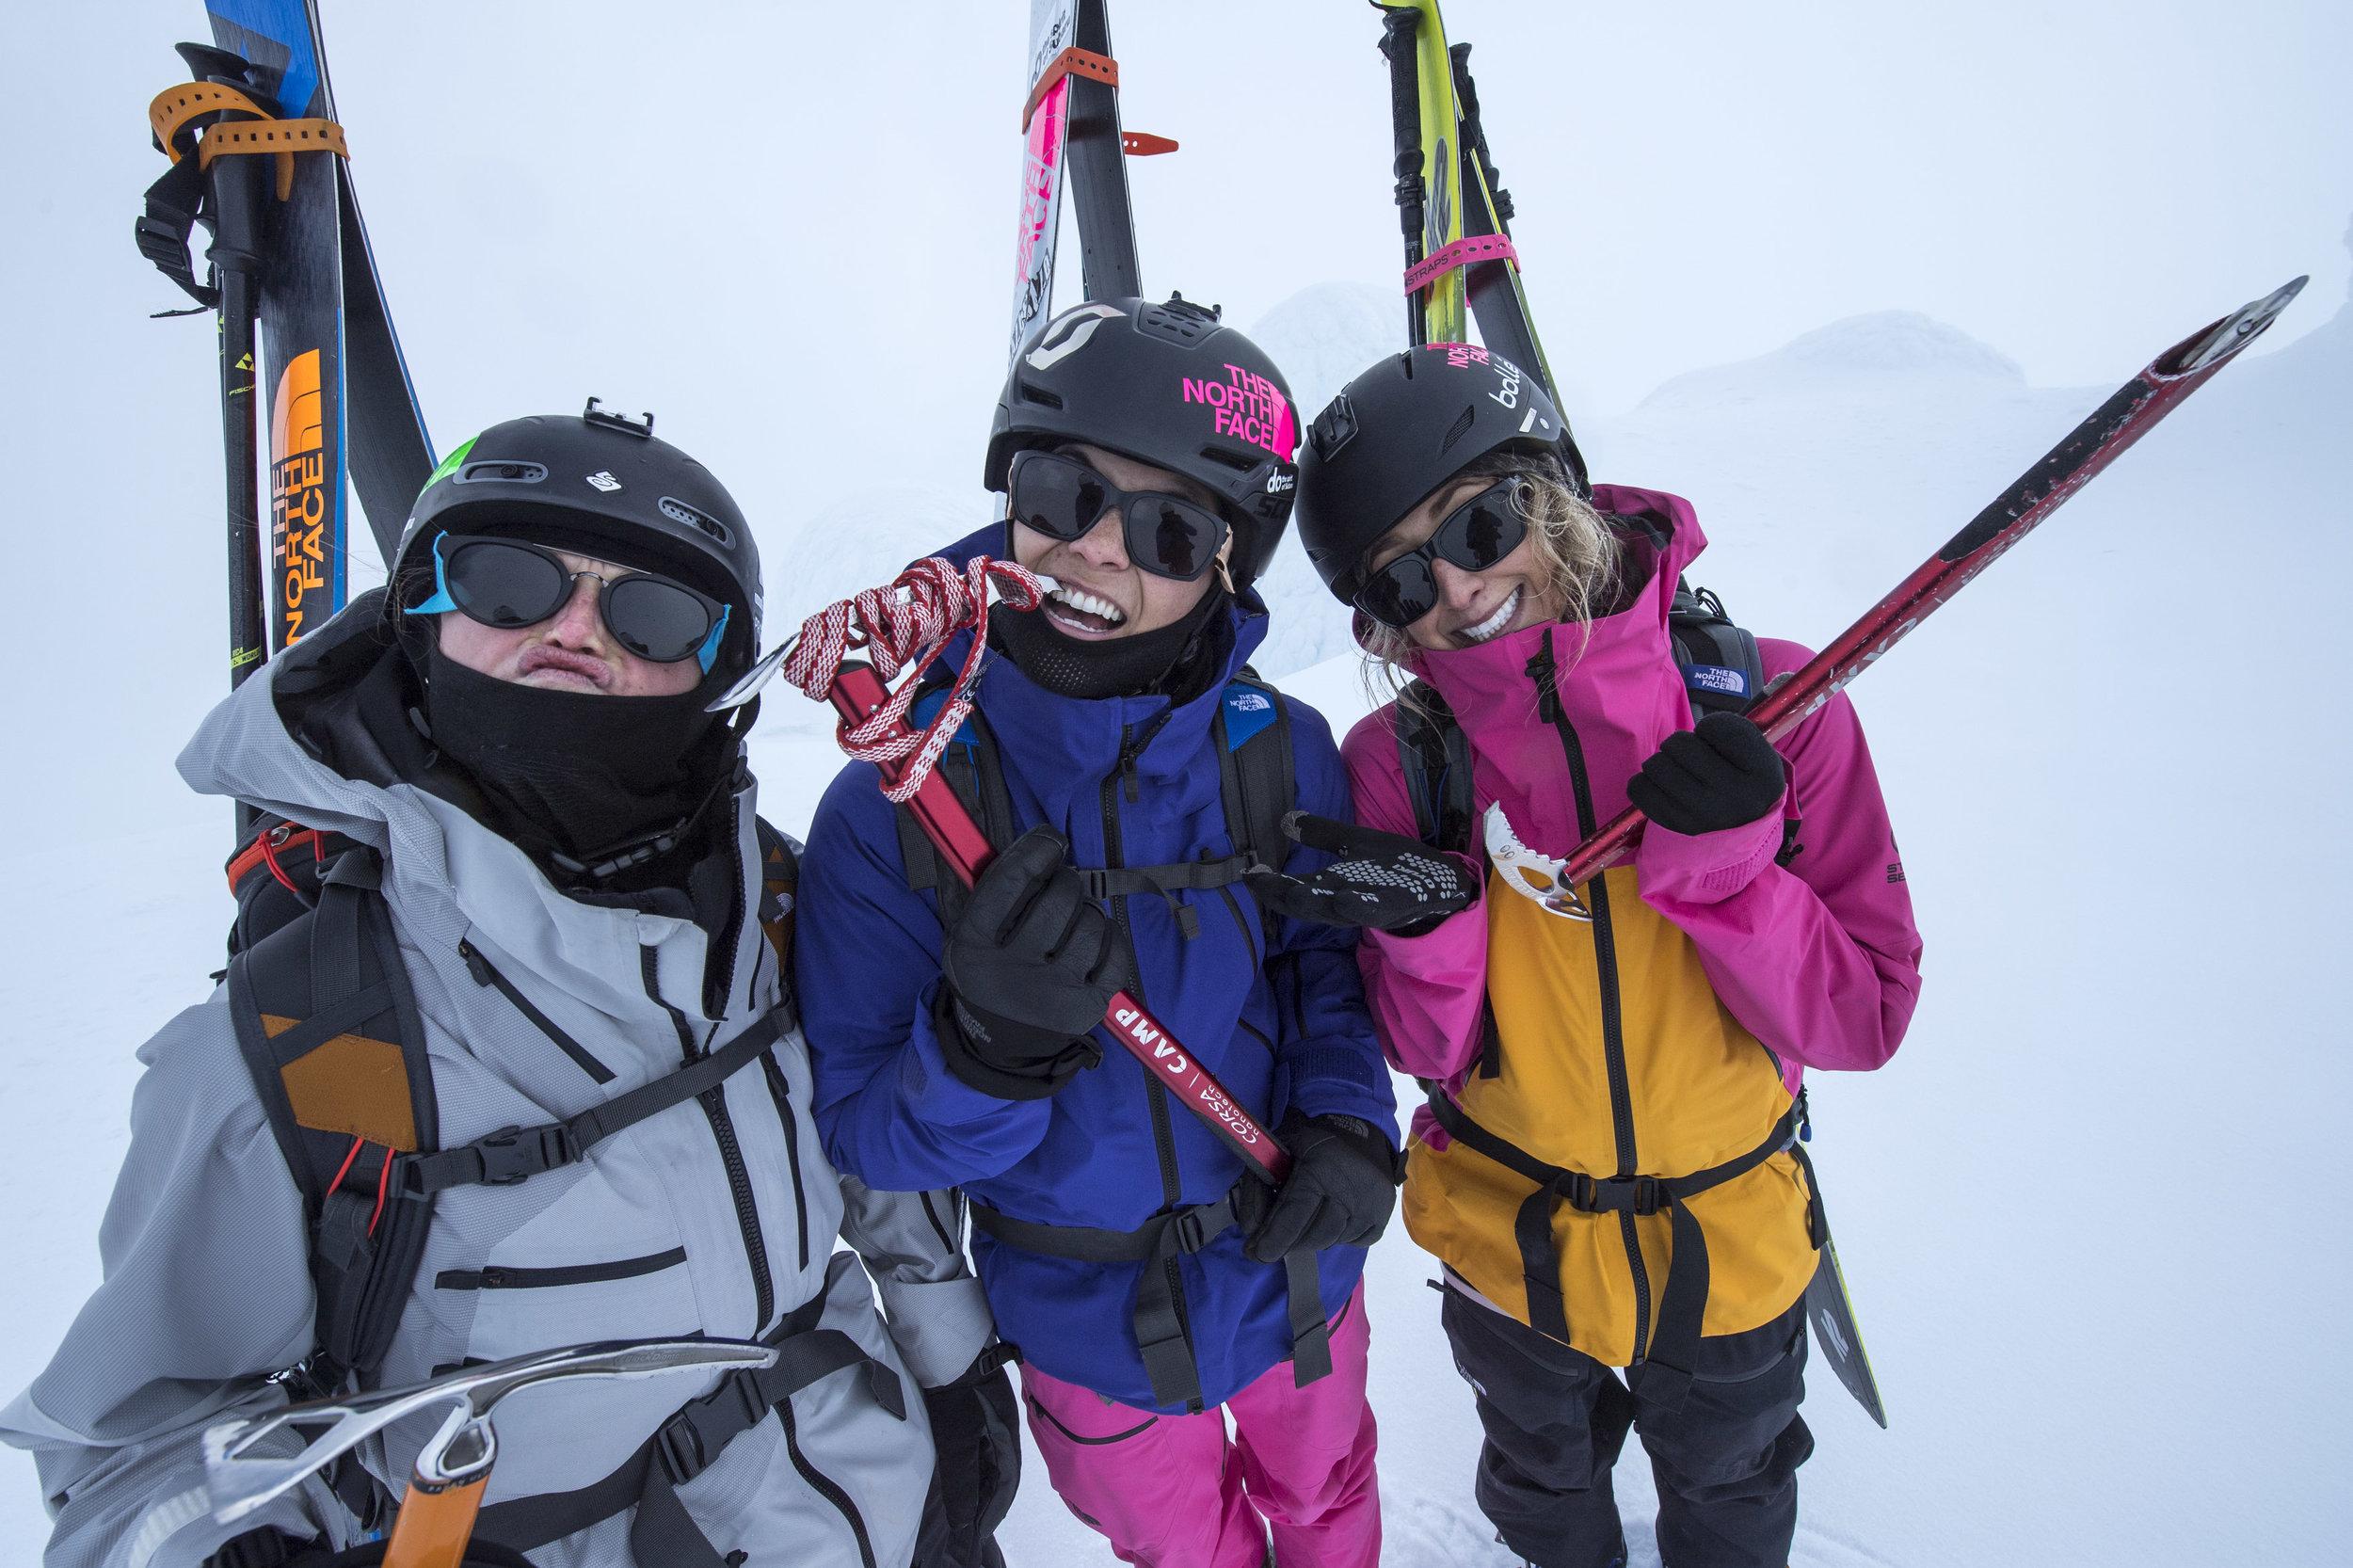 TNF Athlete - Eva, Janina & Anna - Mt Taranaki - Shot by Mark Watson